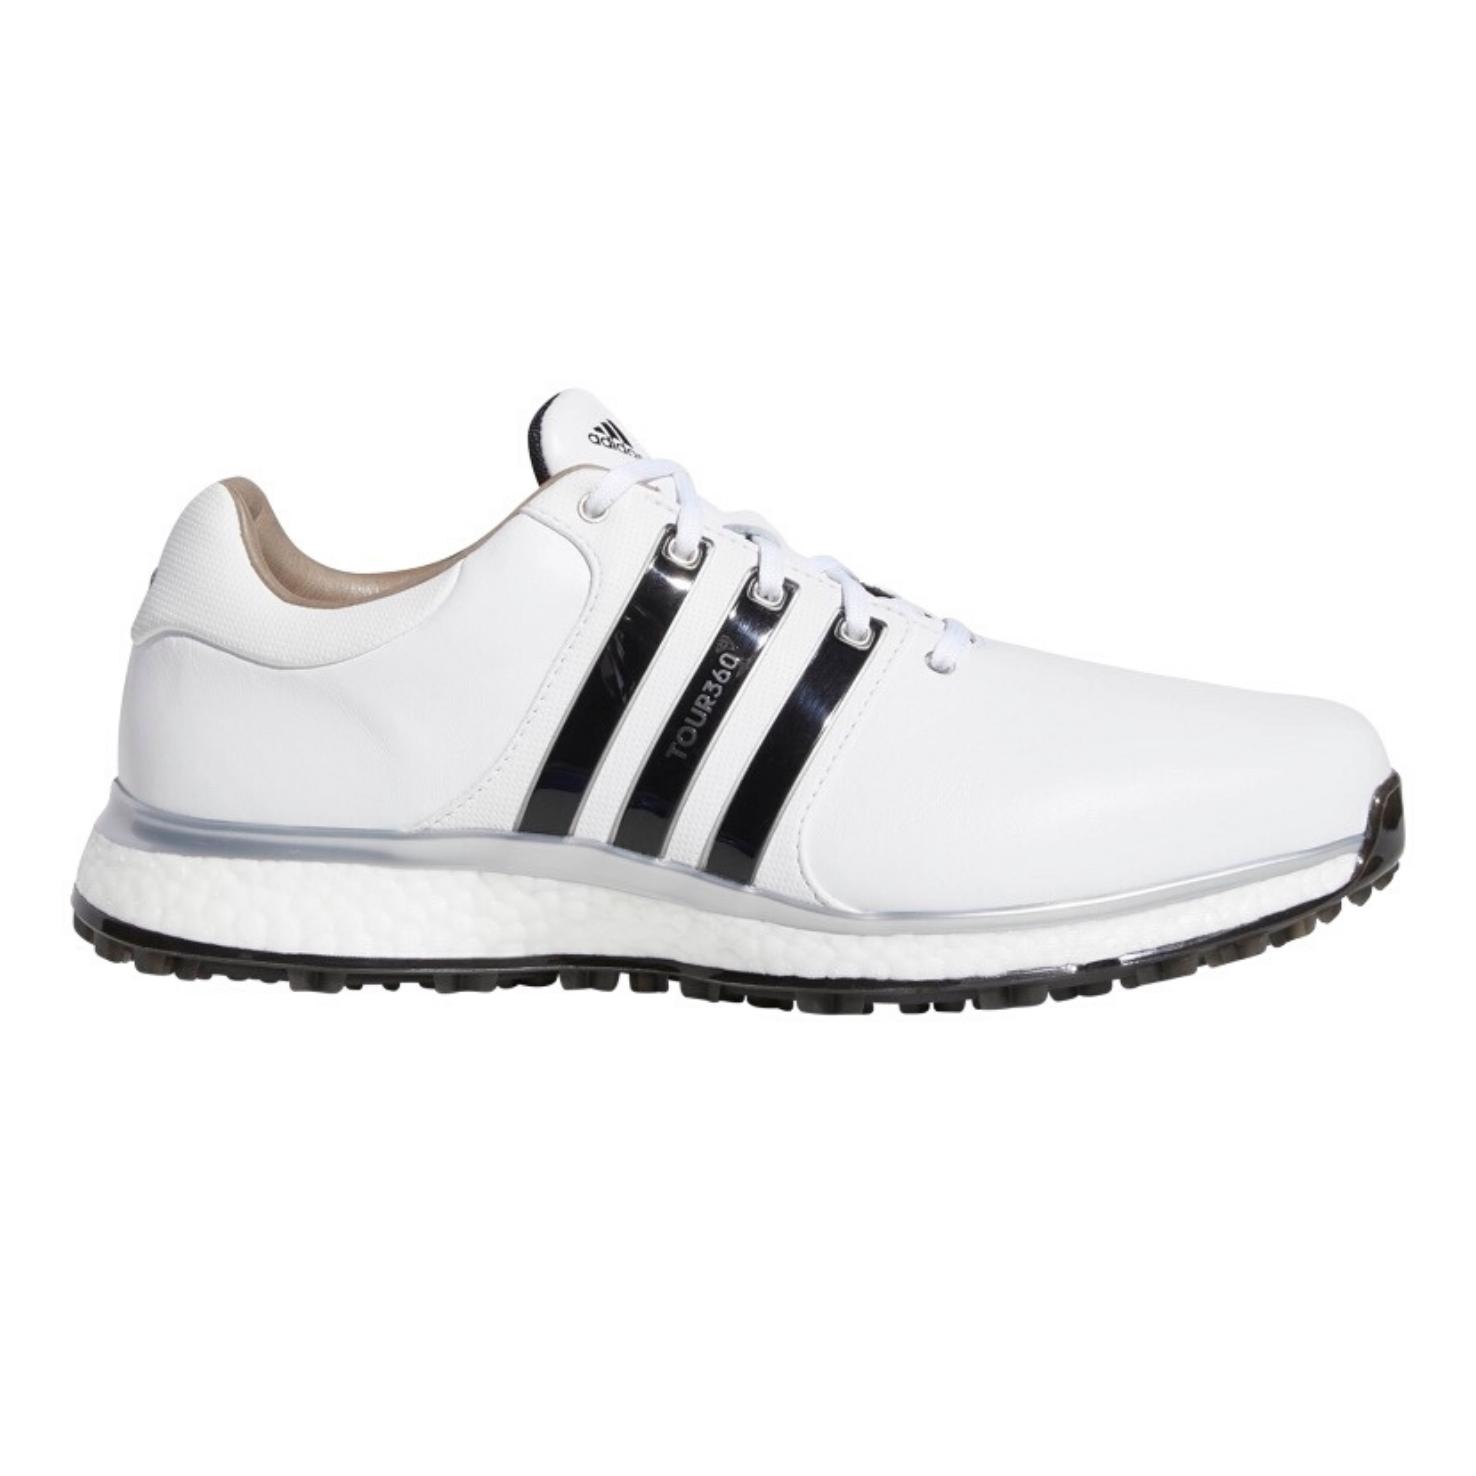 Adidas golfskor - Tour360 XT SL Svart